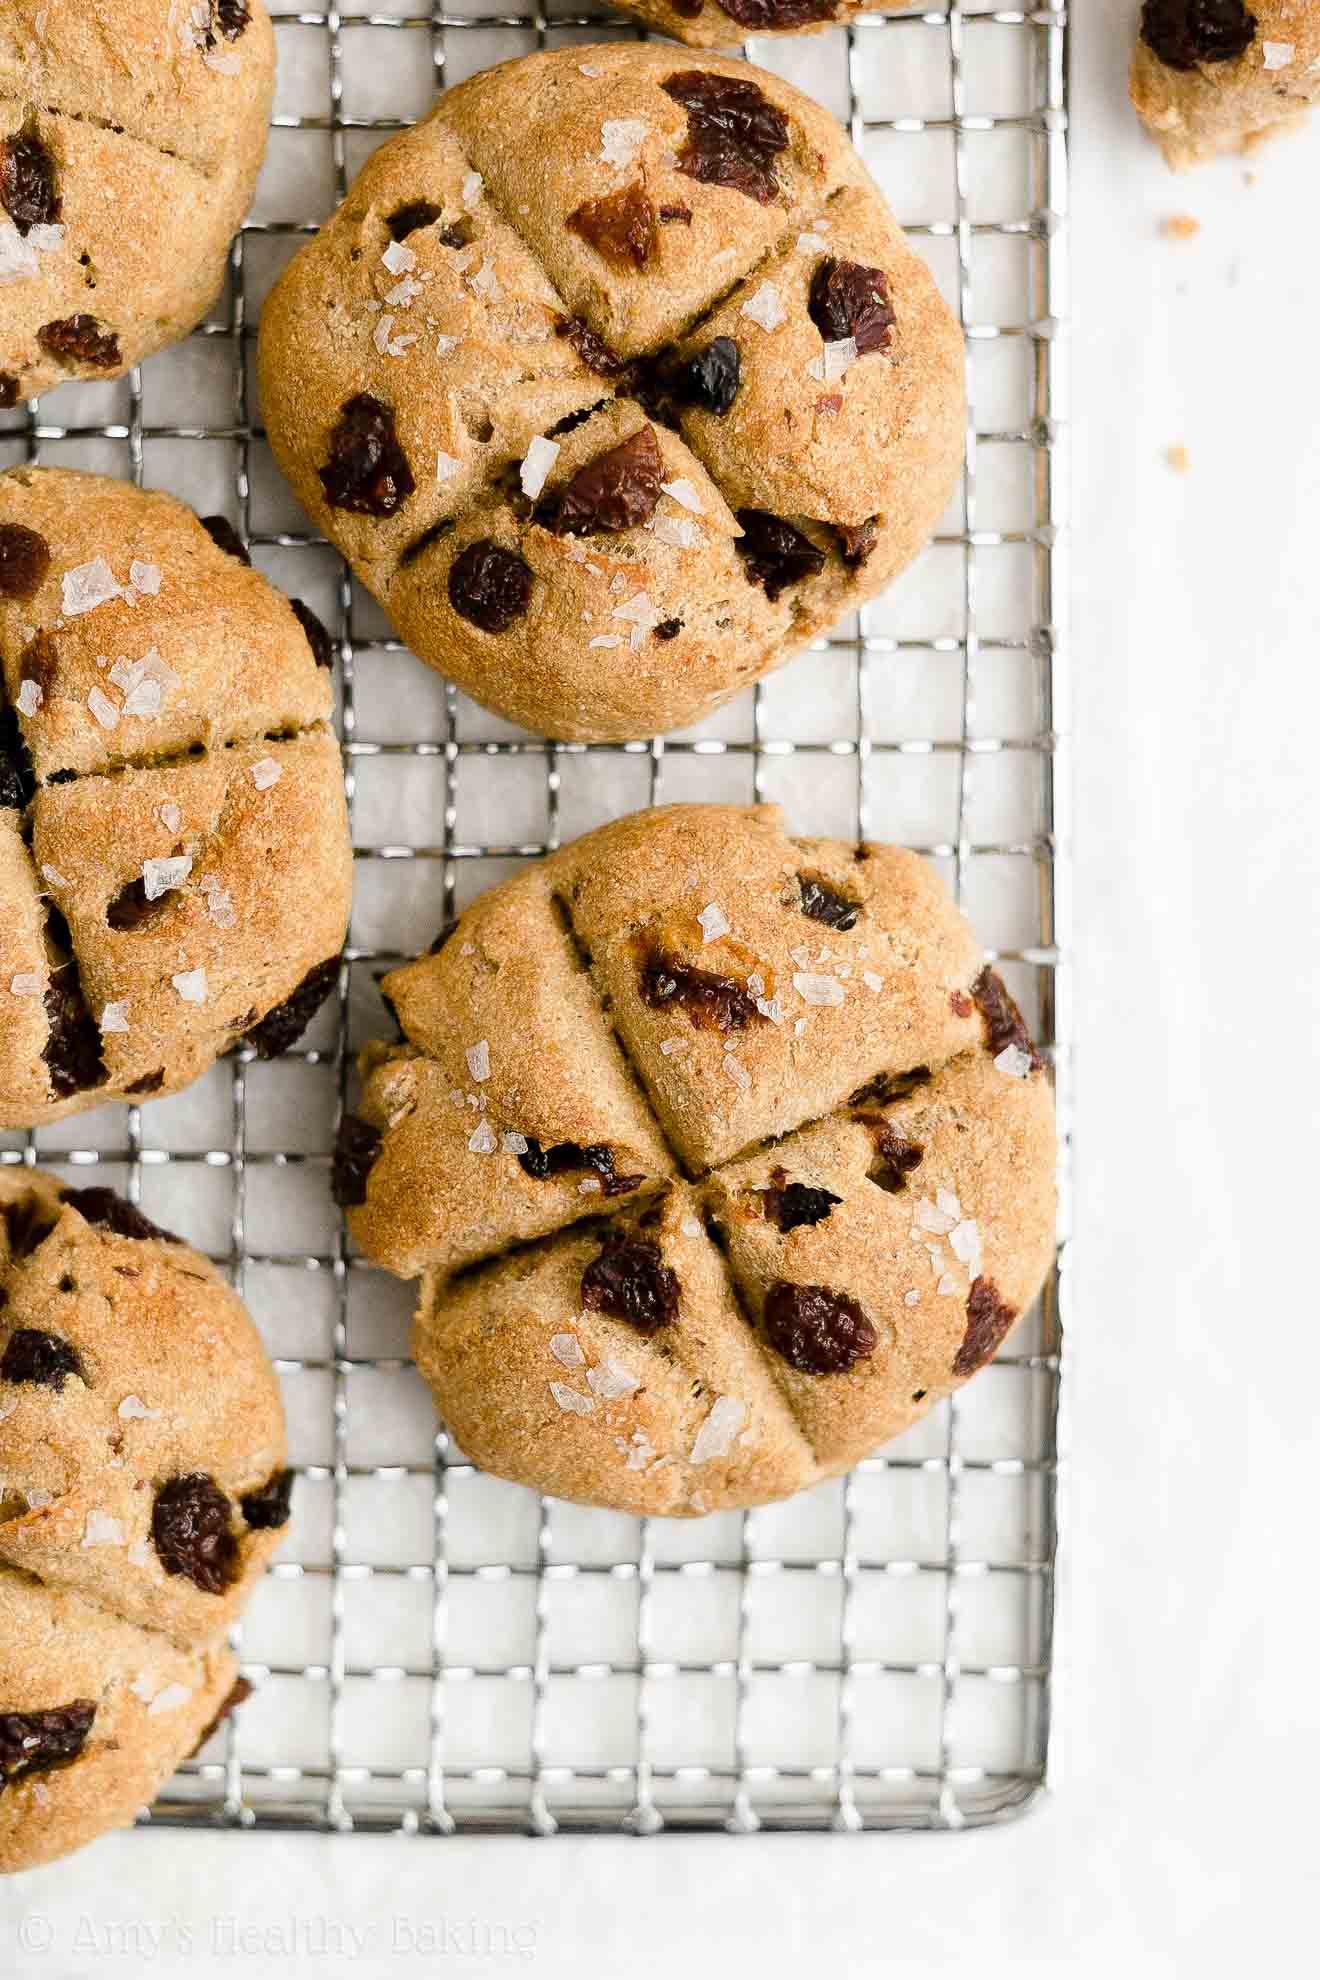 Easy Healthy Low Fat Sugar Free No Yeast Moist Raisin Irish Soda Bread Scones